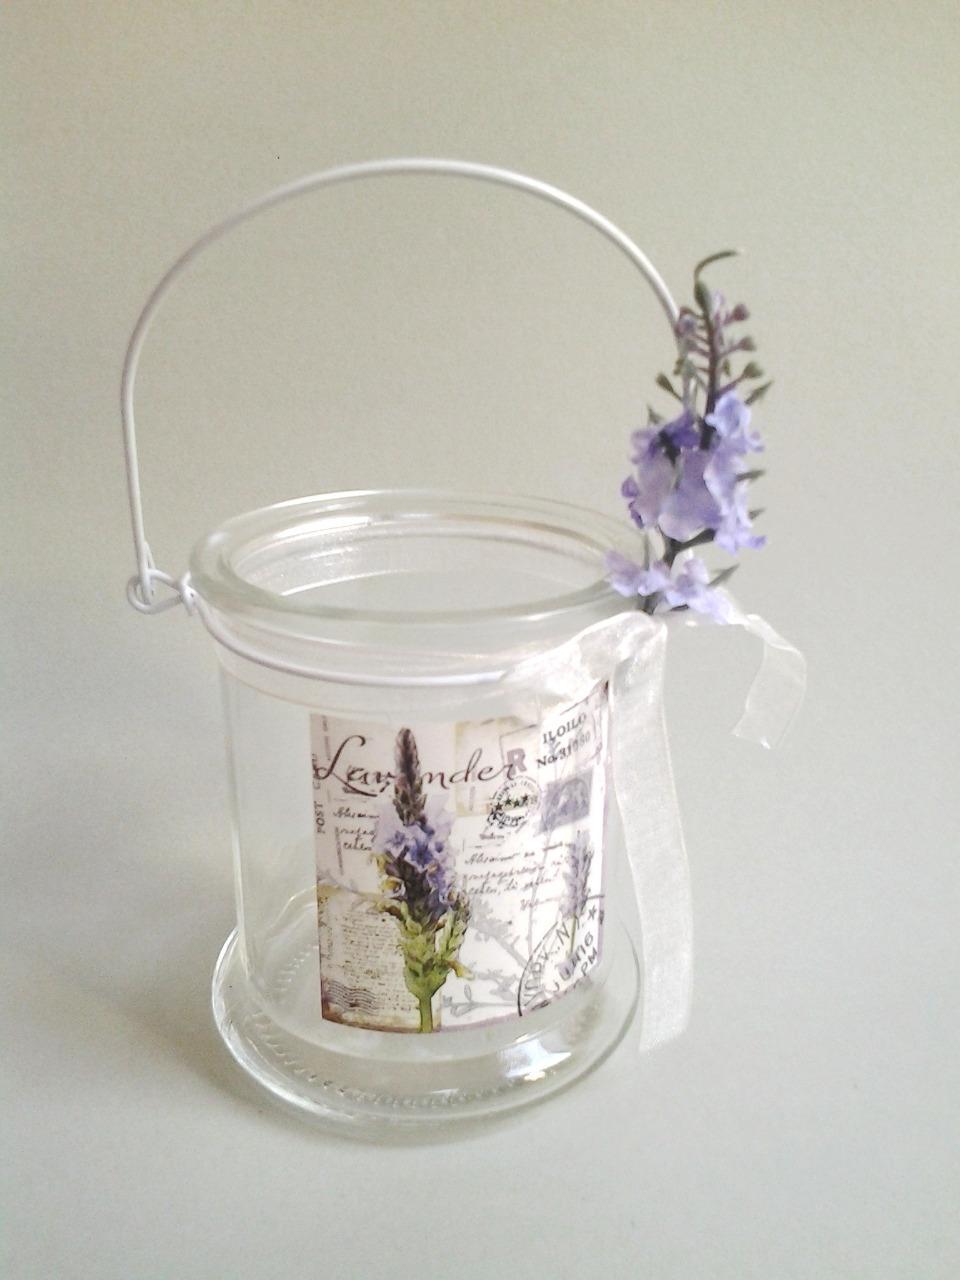 sklenený svietnik levanduľa 9 x 10 cm